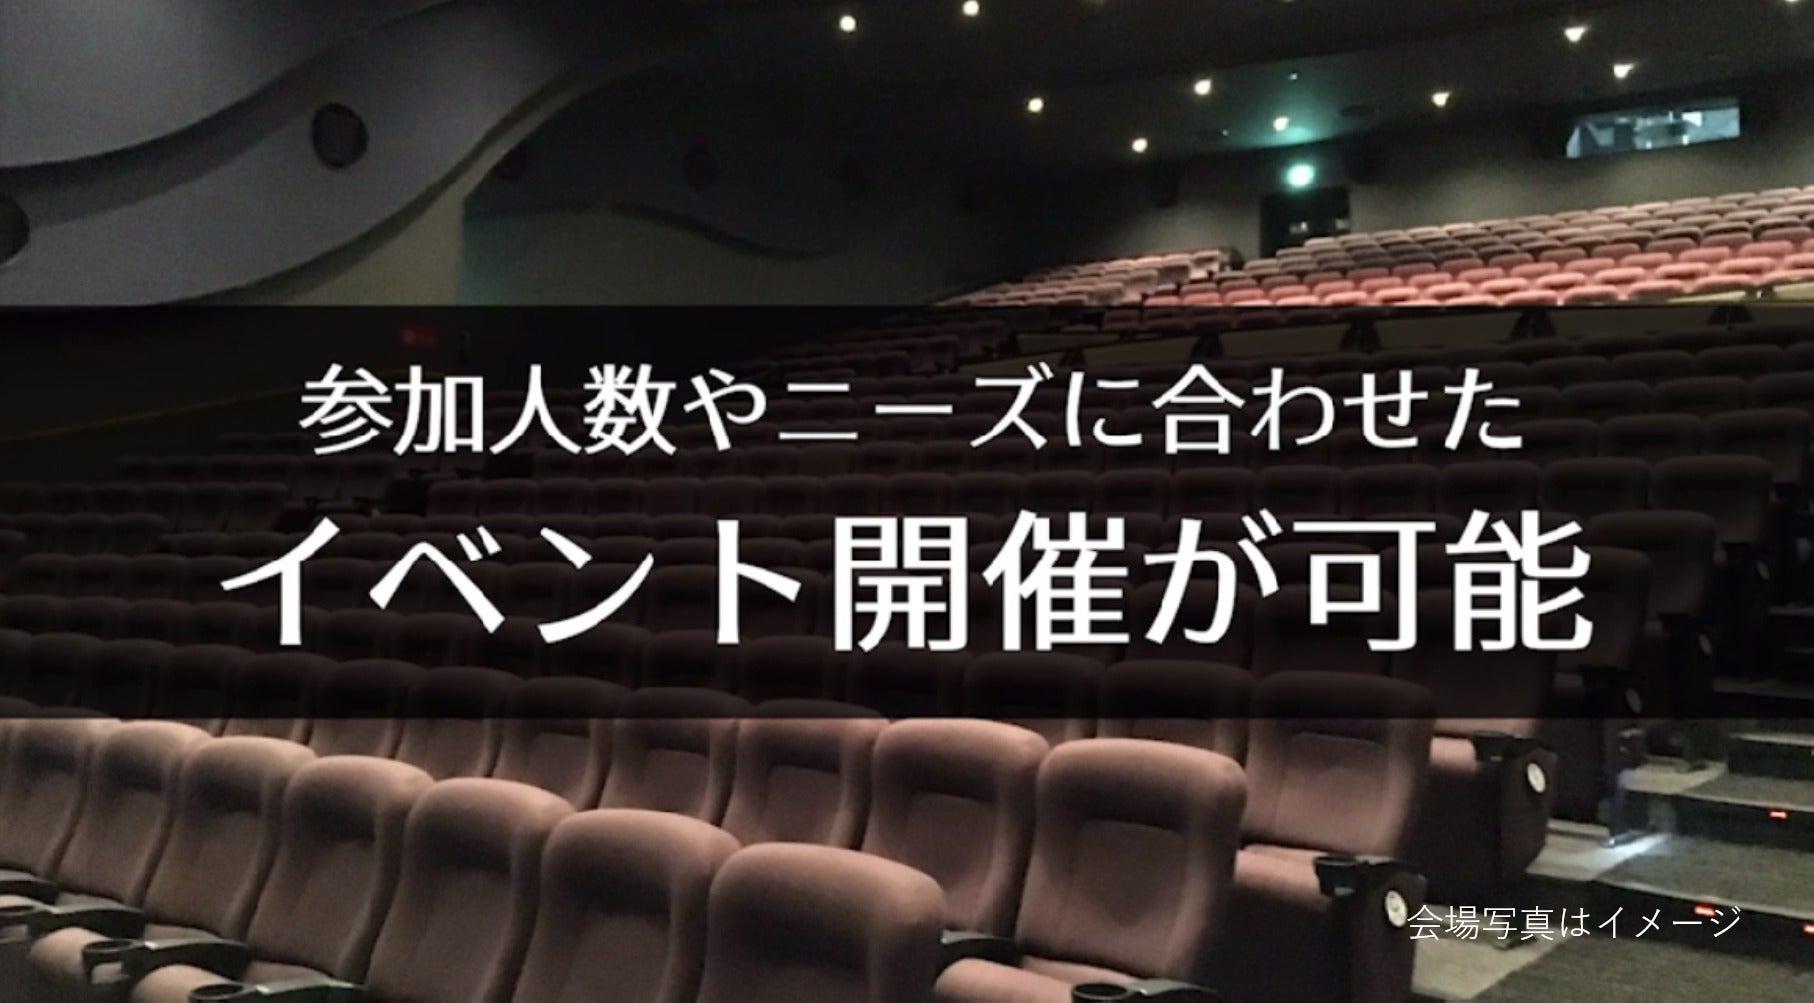 【稲沢 302席】映画館で、会社説明会、株主総会、講演会の企画はいかがですか?(ユナイテッド・シネマ稲沢) の写真0